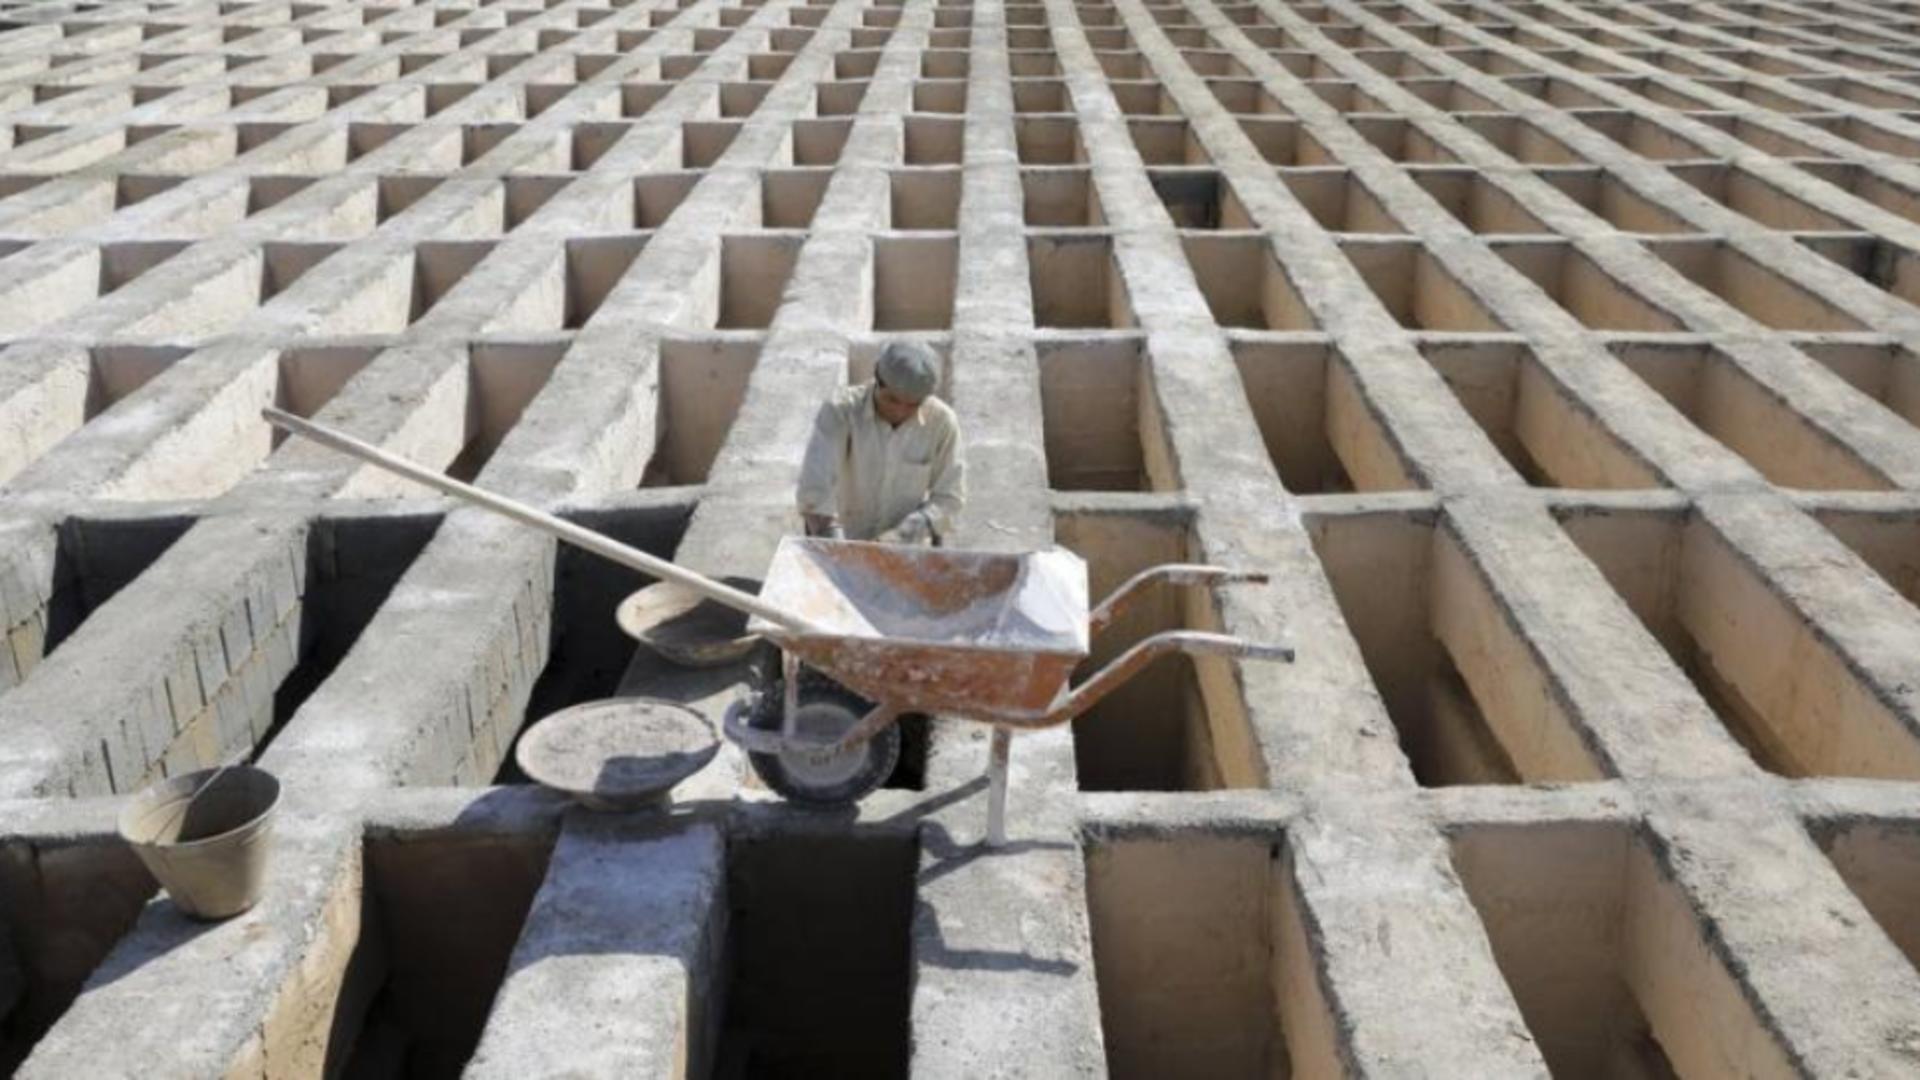 Îm Teheran se construiesc morminte cu 4 niveluri. Foto/ awsat.com